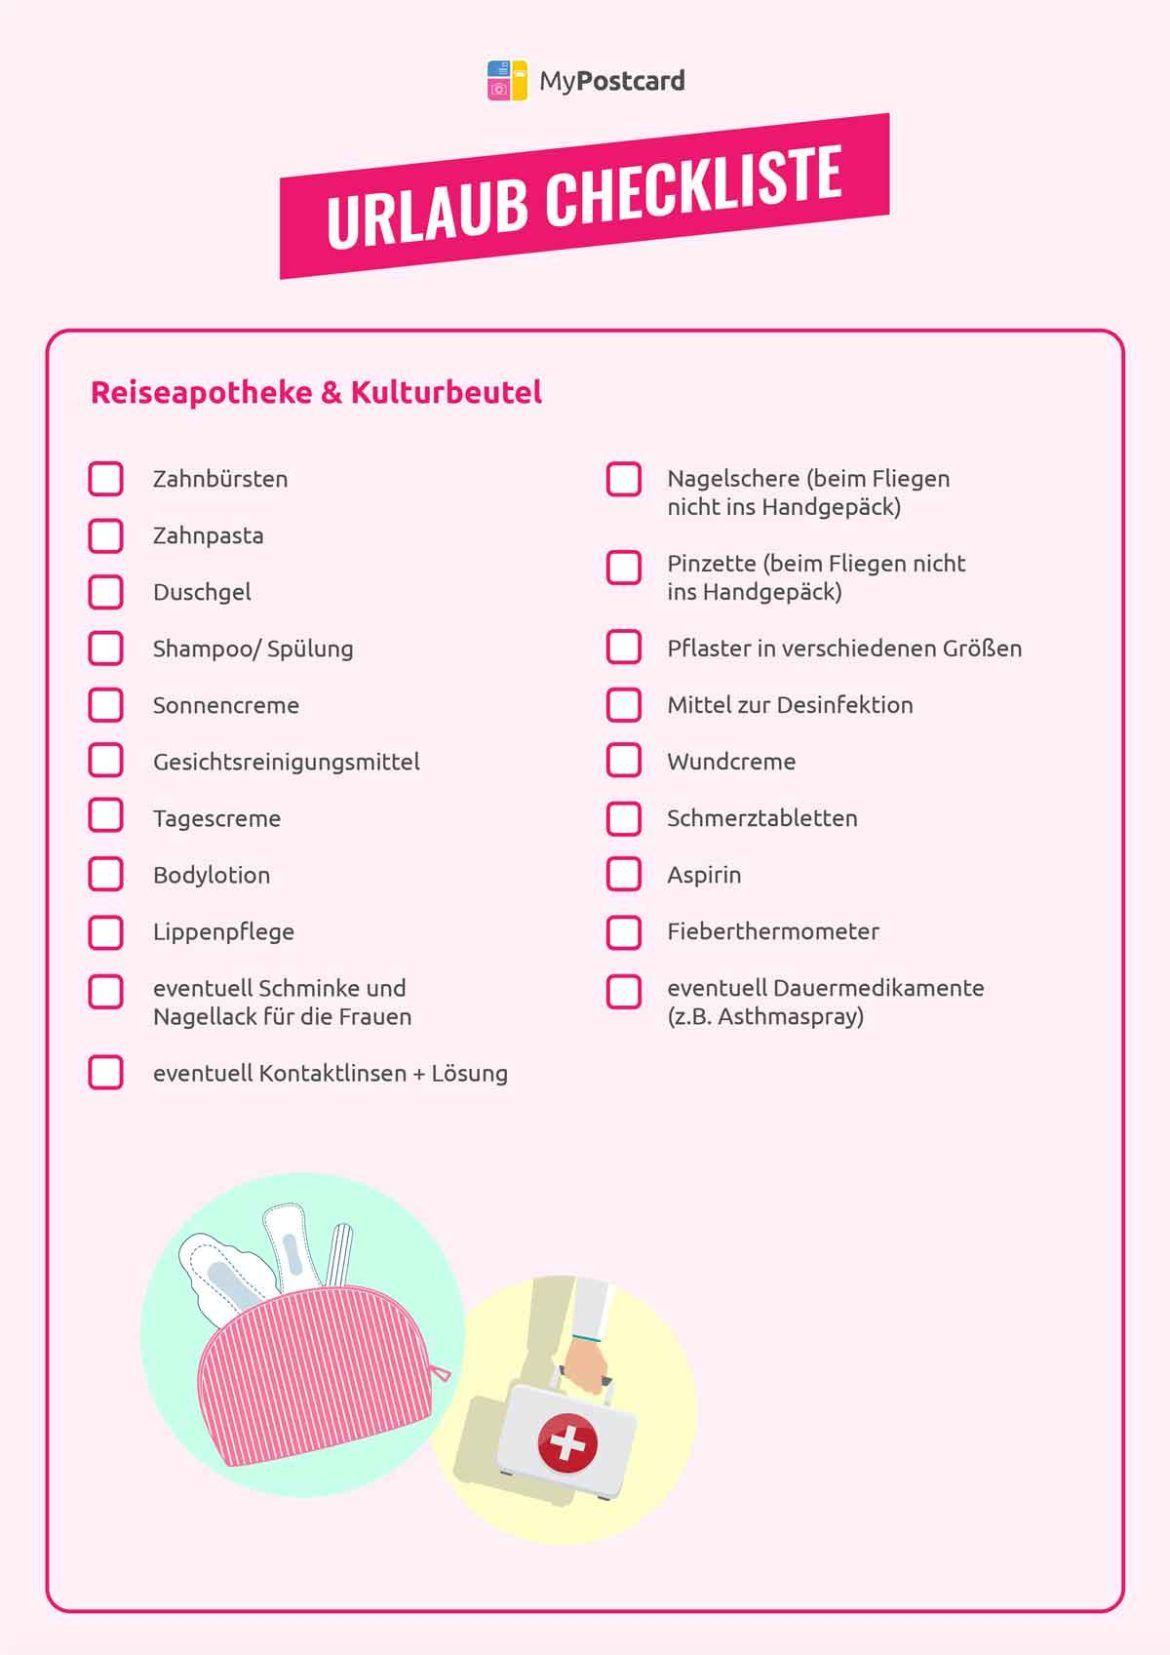 Projekt Packliste Sommerurlaub Die Komplette Checkliste Fur